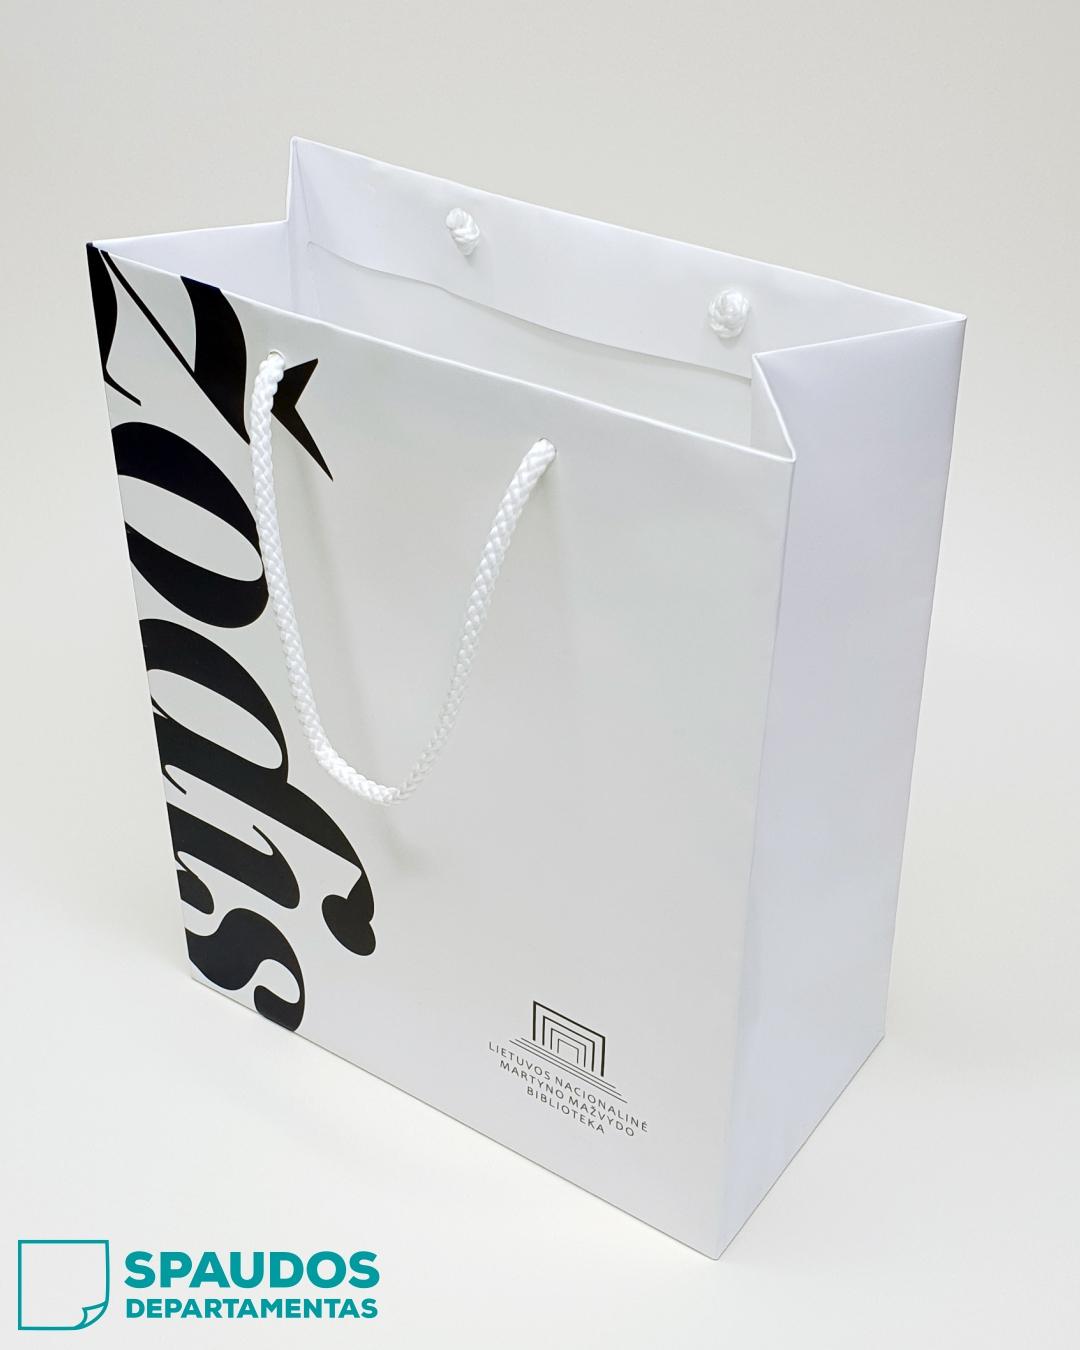 soft touch popieriniai maiseliai SPAUDOS DEPARTAMENTAS